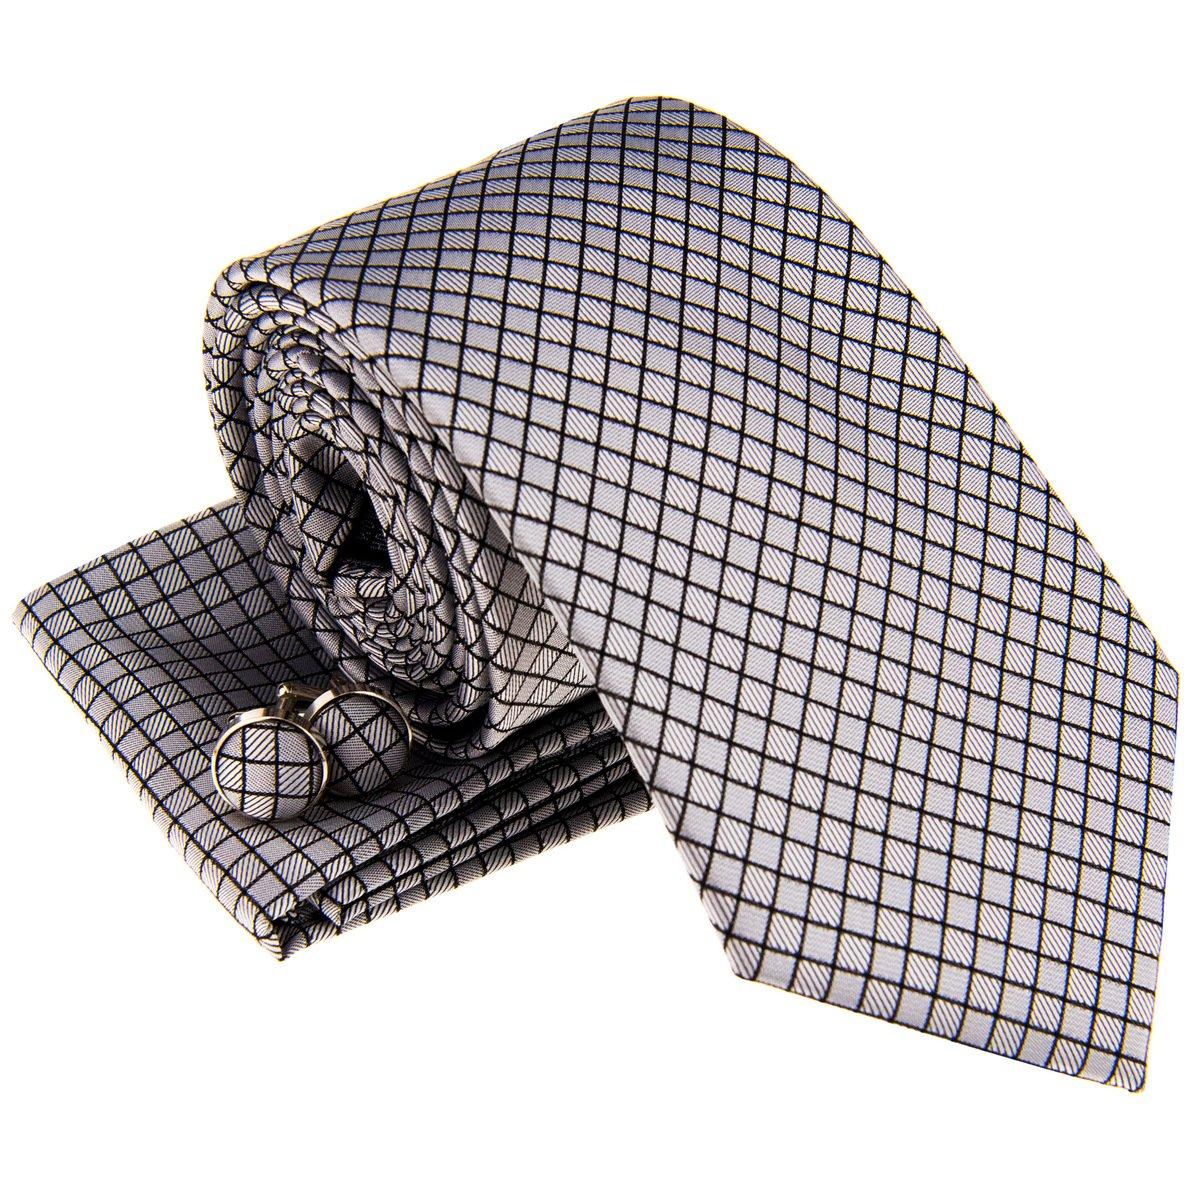 Retreez Check Textured Woven Mens Tie Necktie w//Pocket Square /& Cufflinks Gift Set